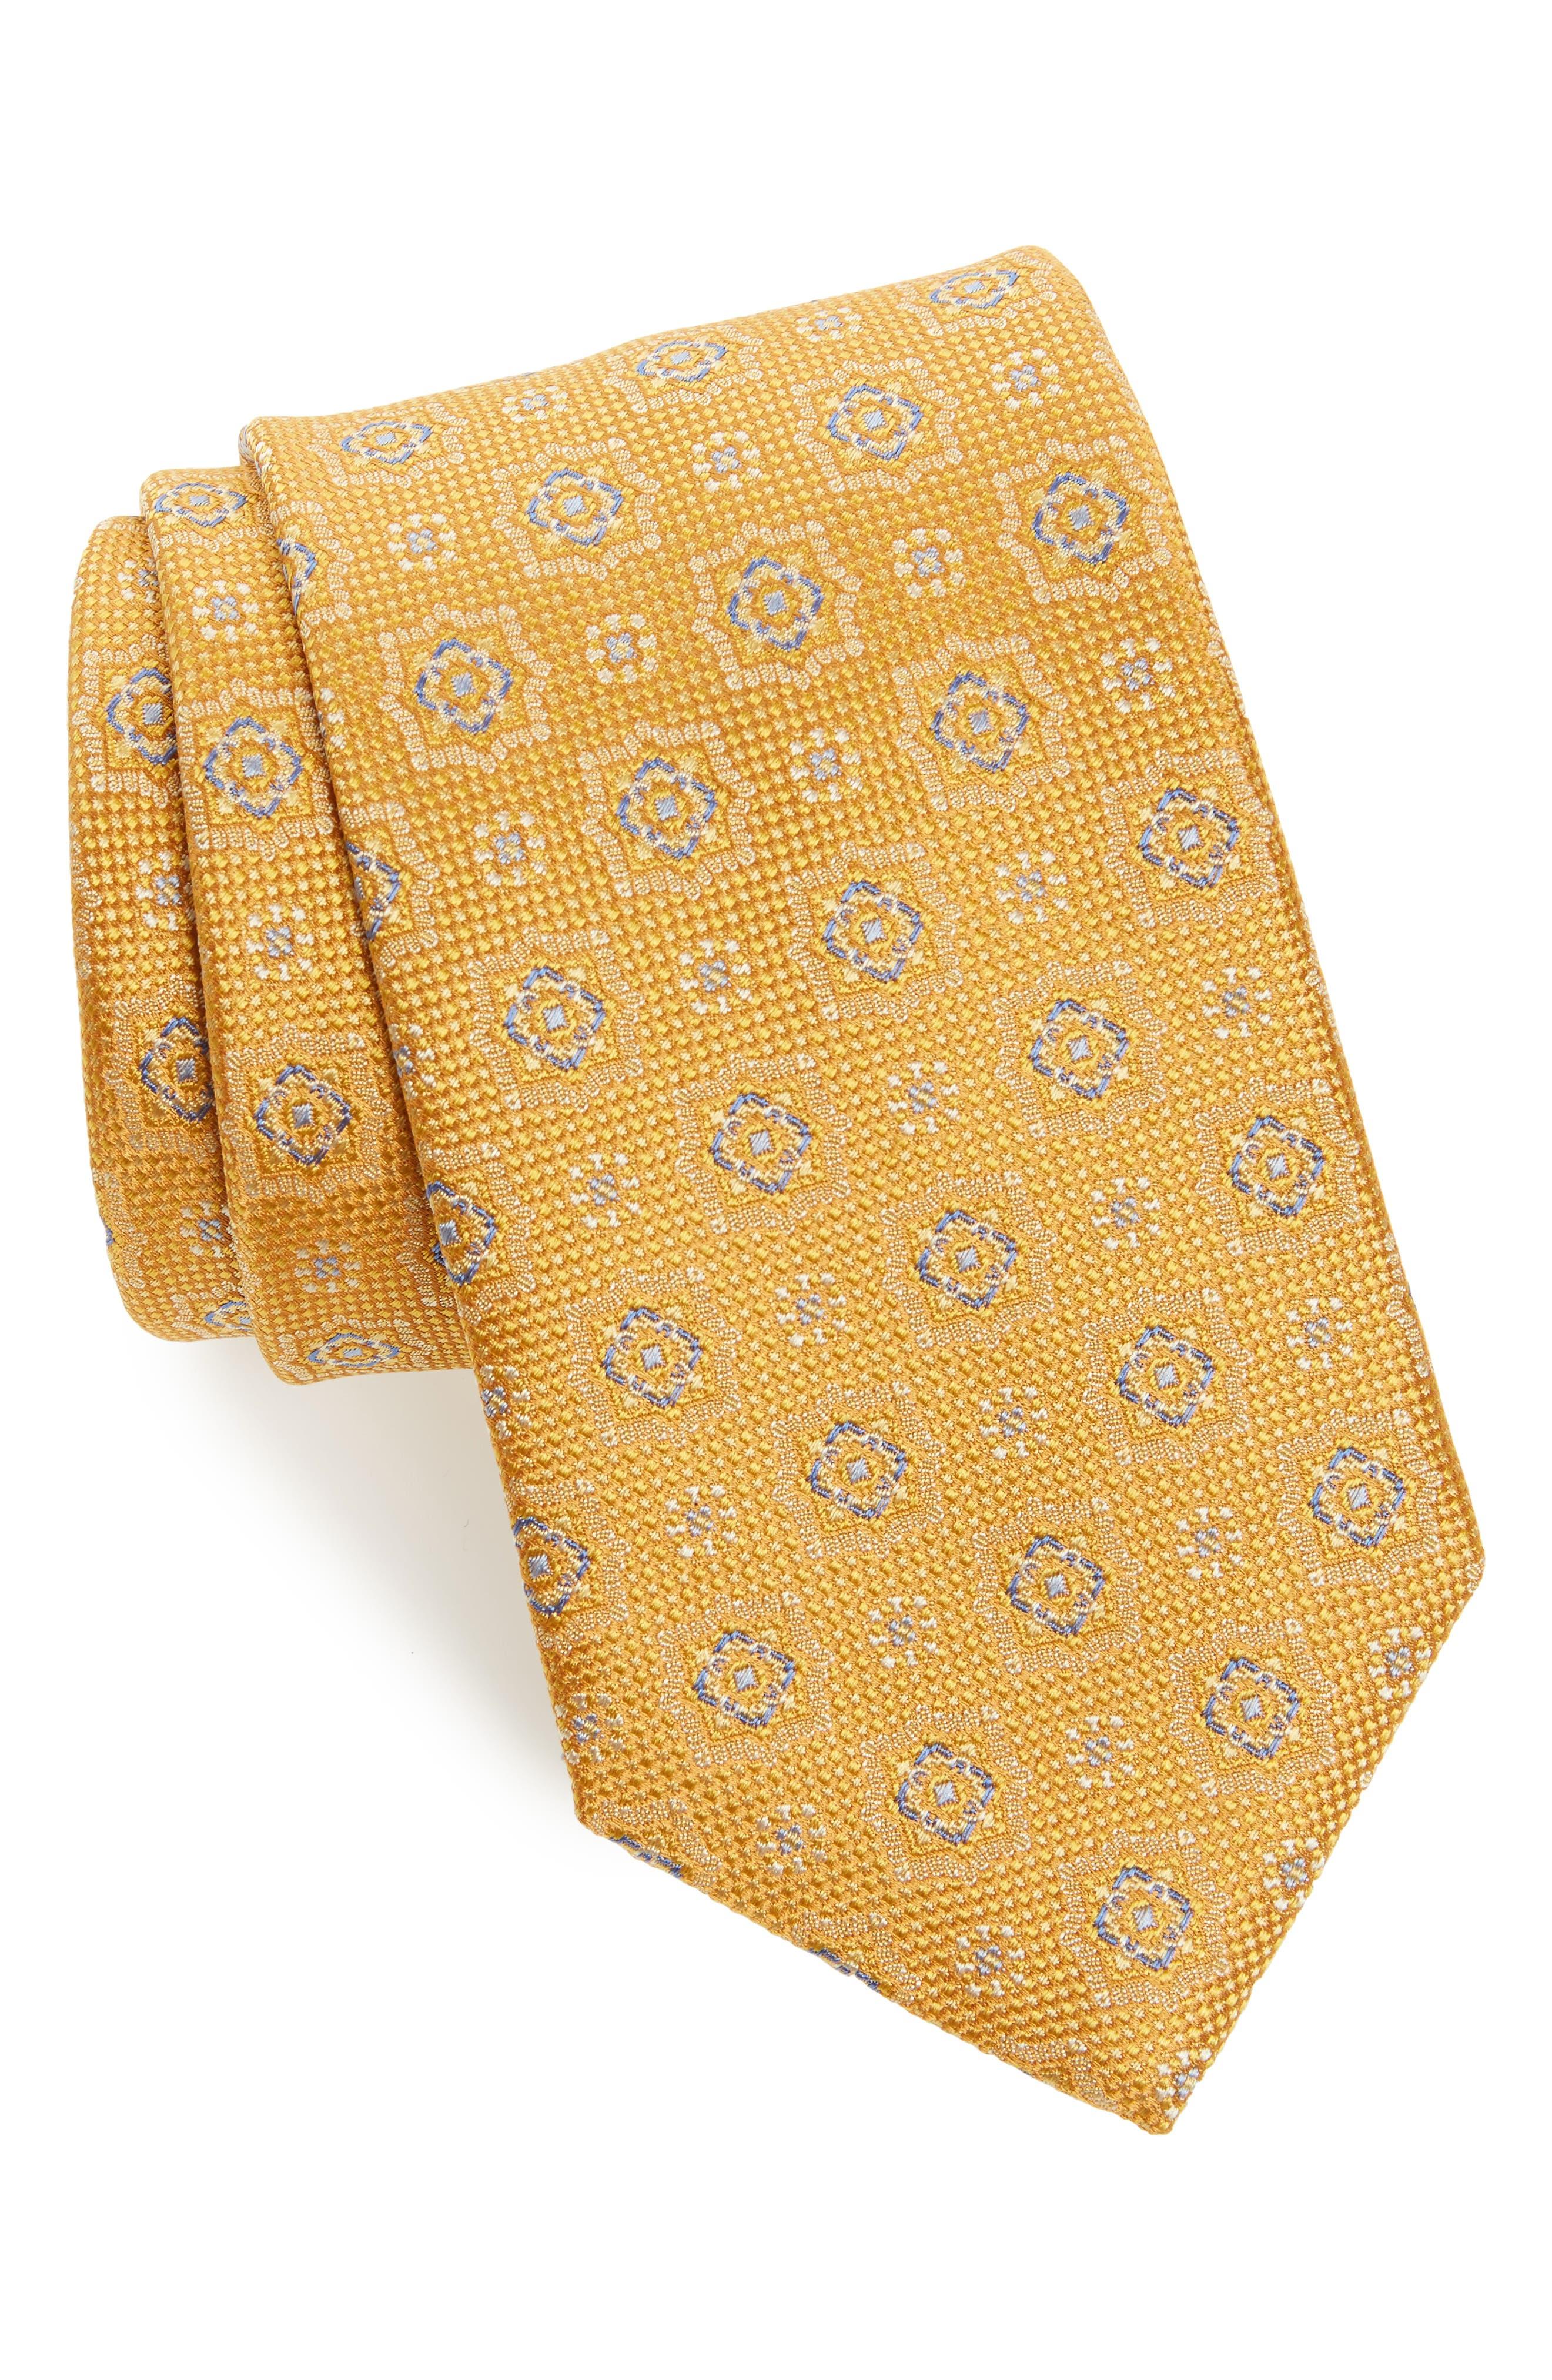 Alternate Image 1 Selected - David Donahue Medallion Silk Tie